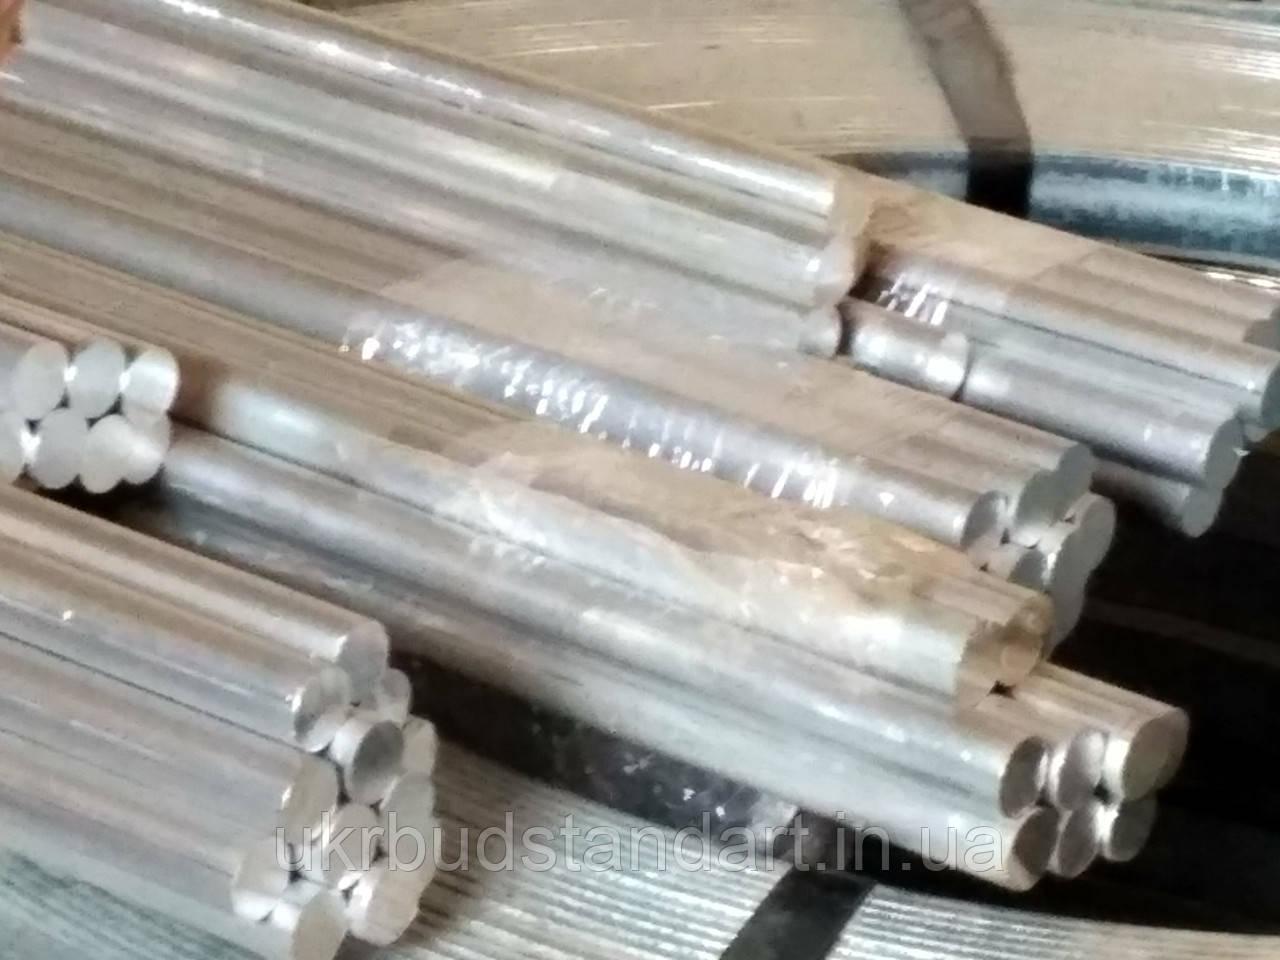 Круг алюминиевый ф 16